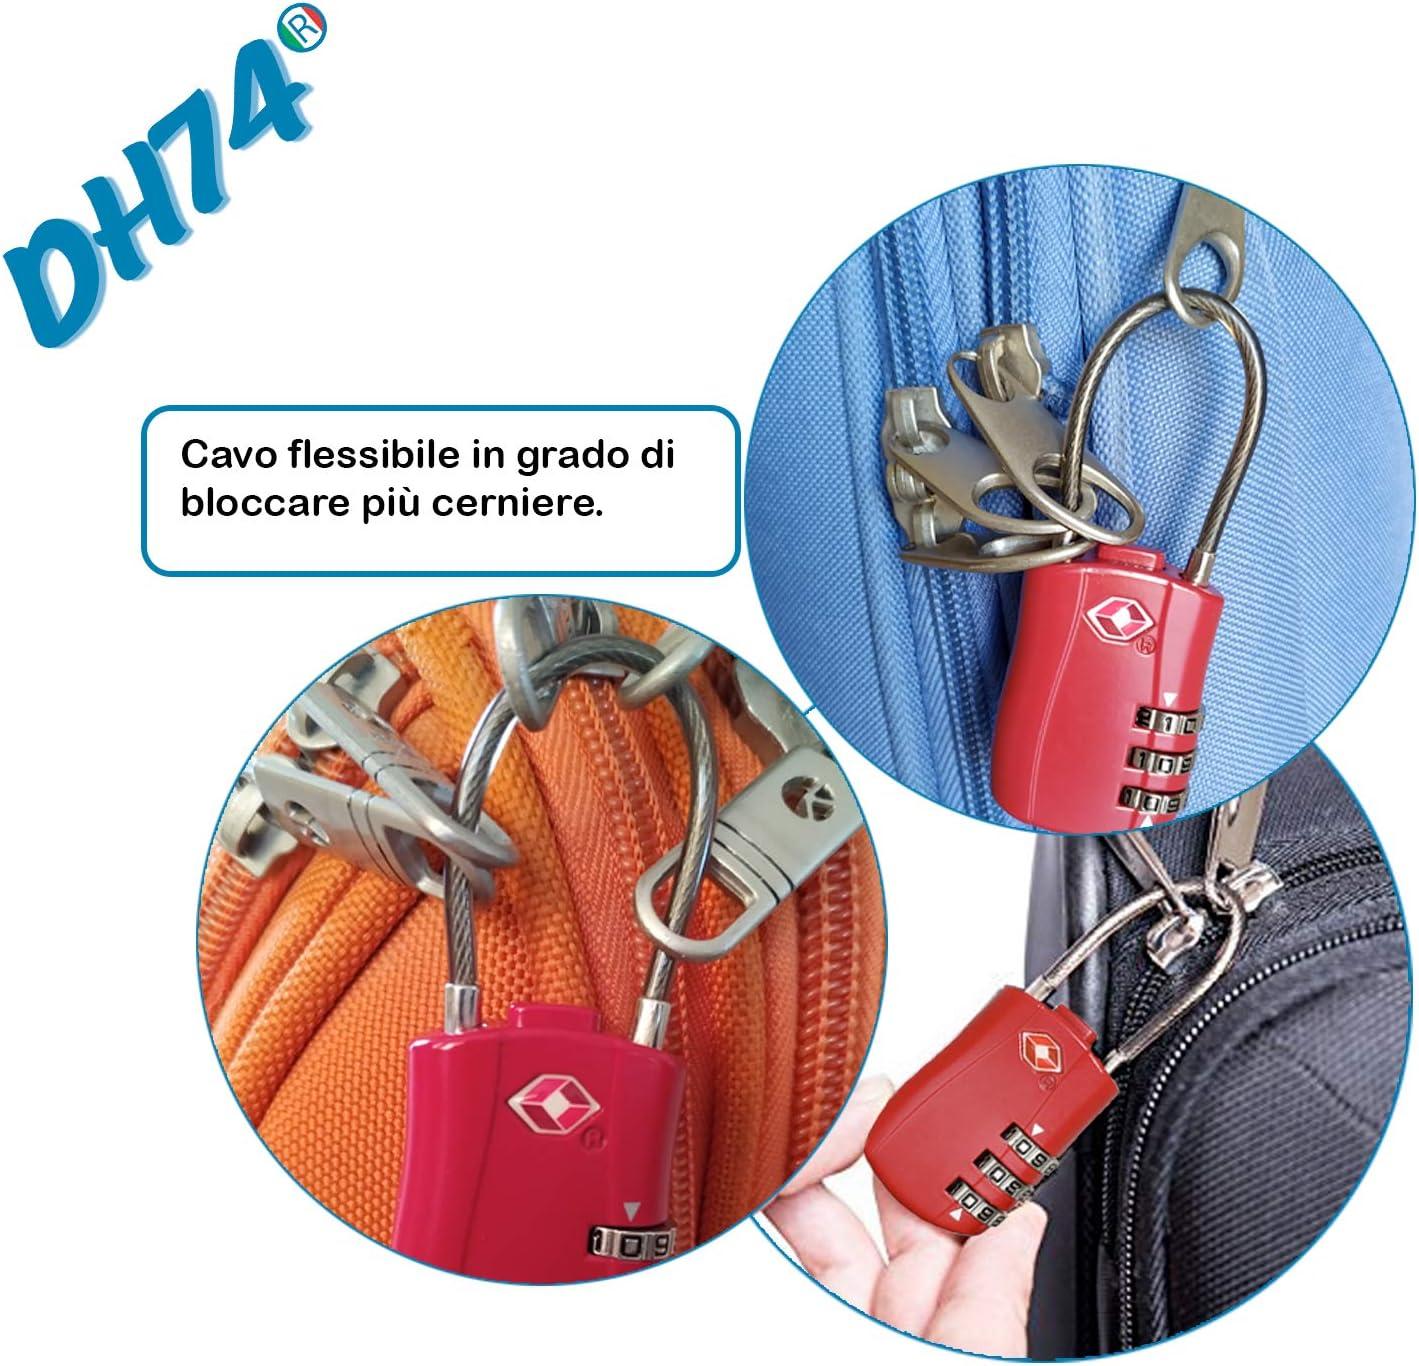 DH74 – 2 candados de combinación Tsa para uso, viaje, maleta, mochila, armario, gimnasio, arco largo flexible, bicicleta, 3 números, segunda ...